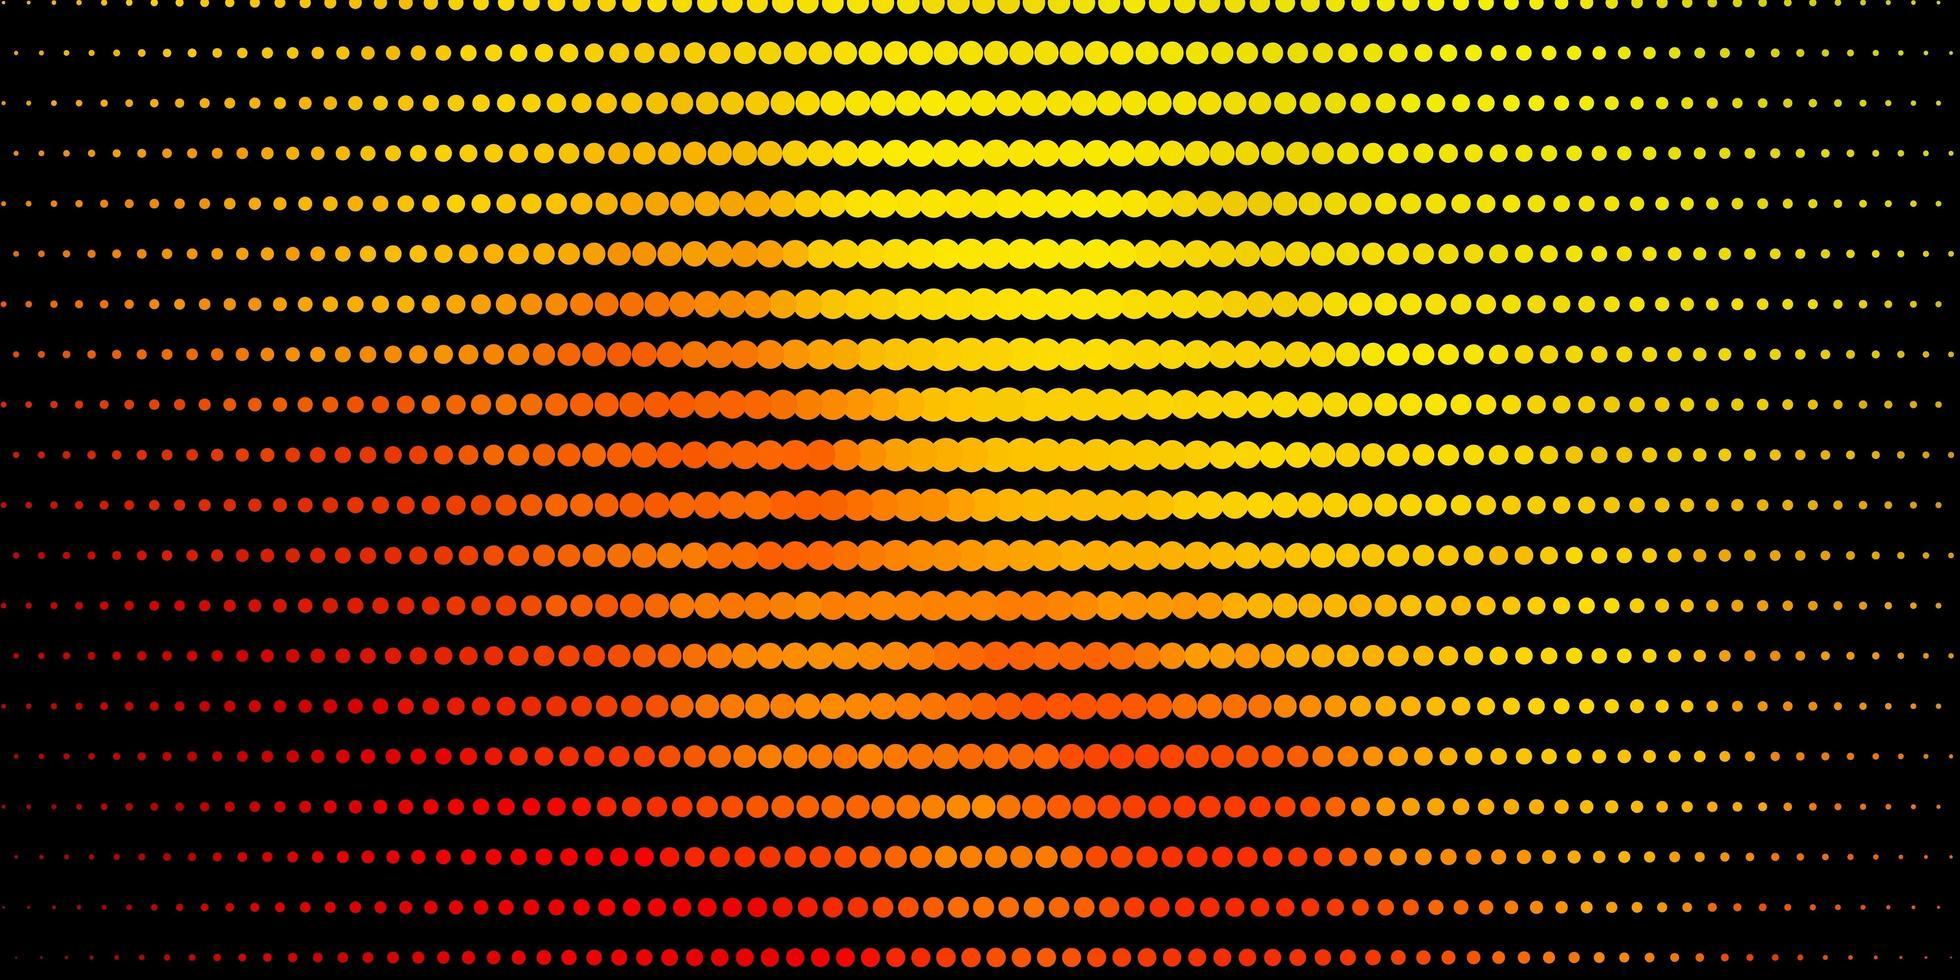 diseño de vector verde oscuro, rojo con formas circulares.